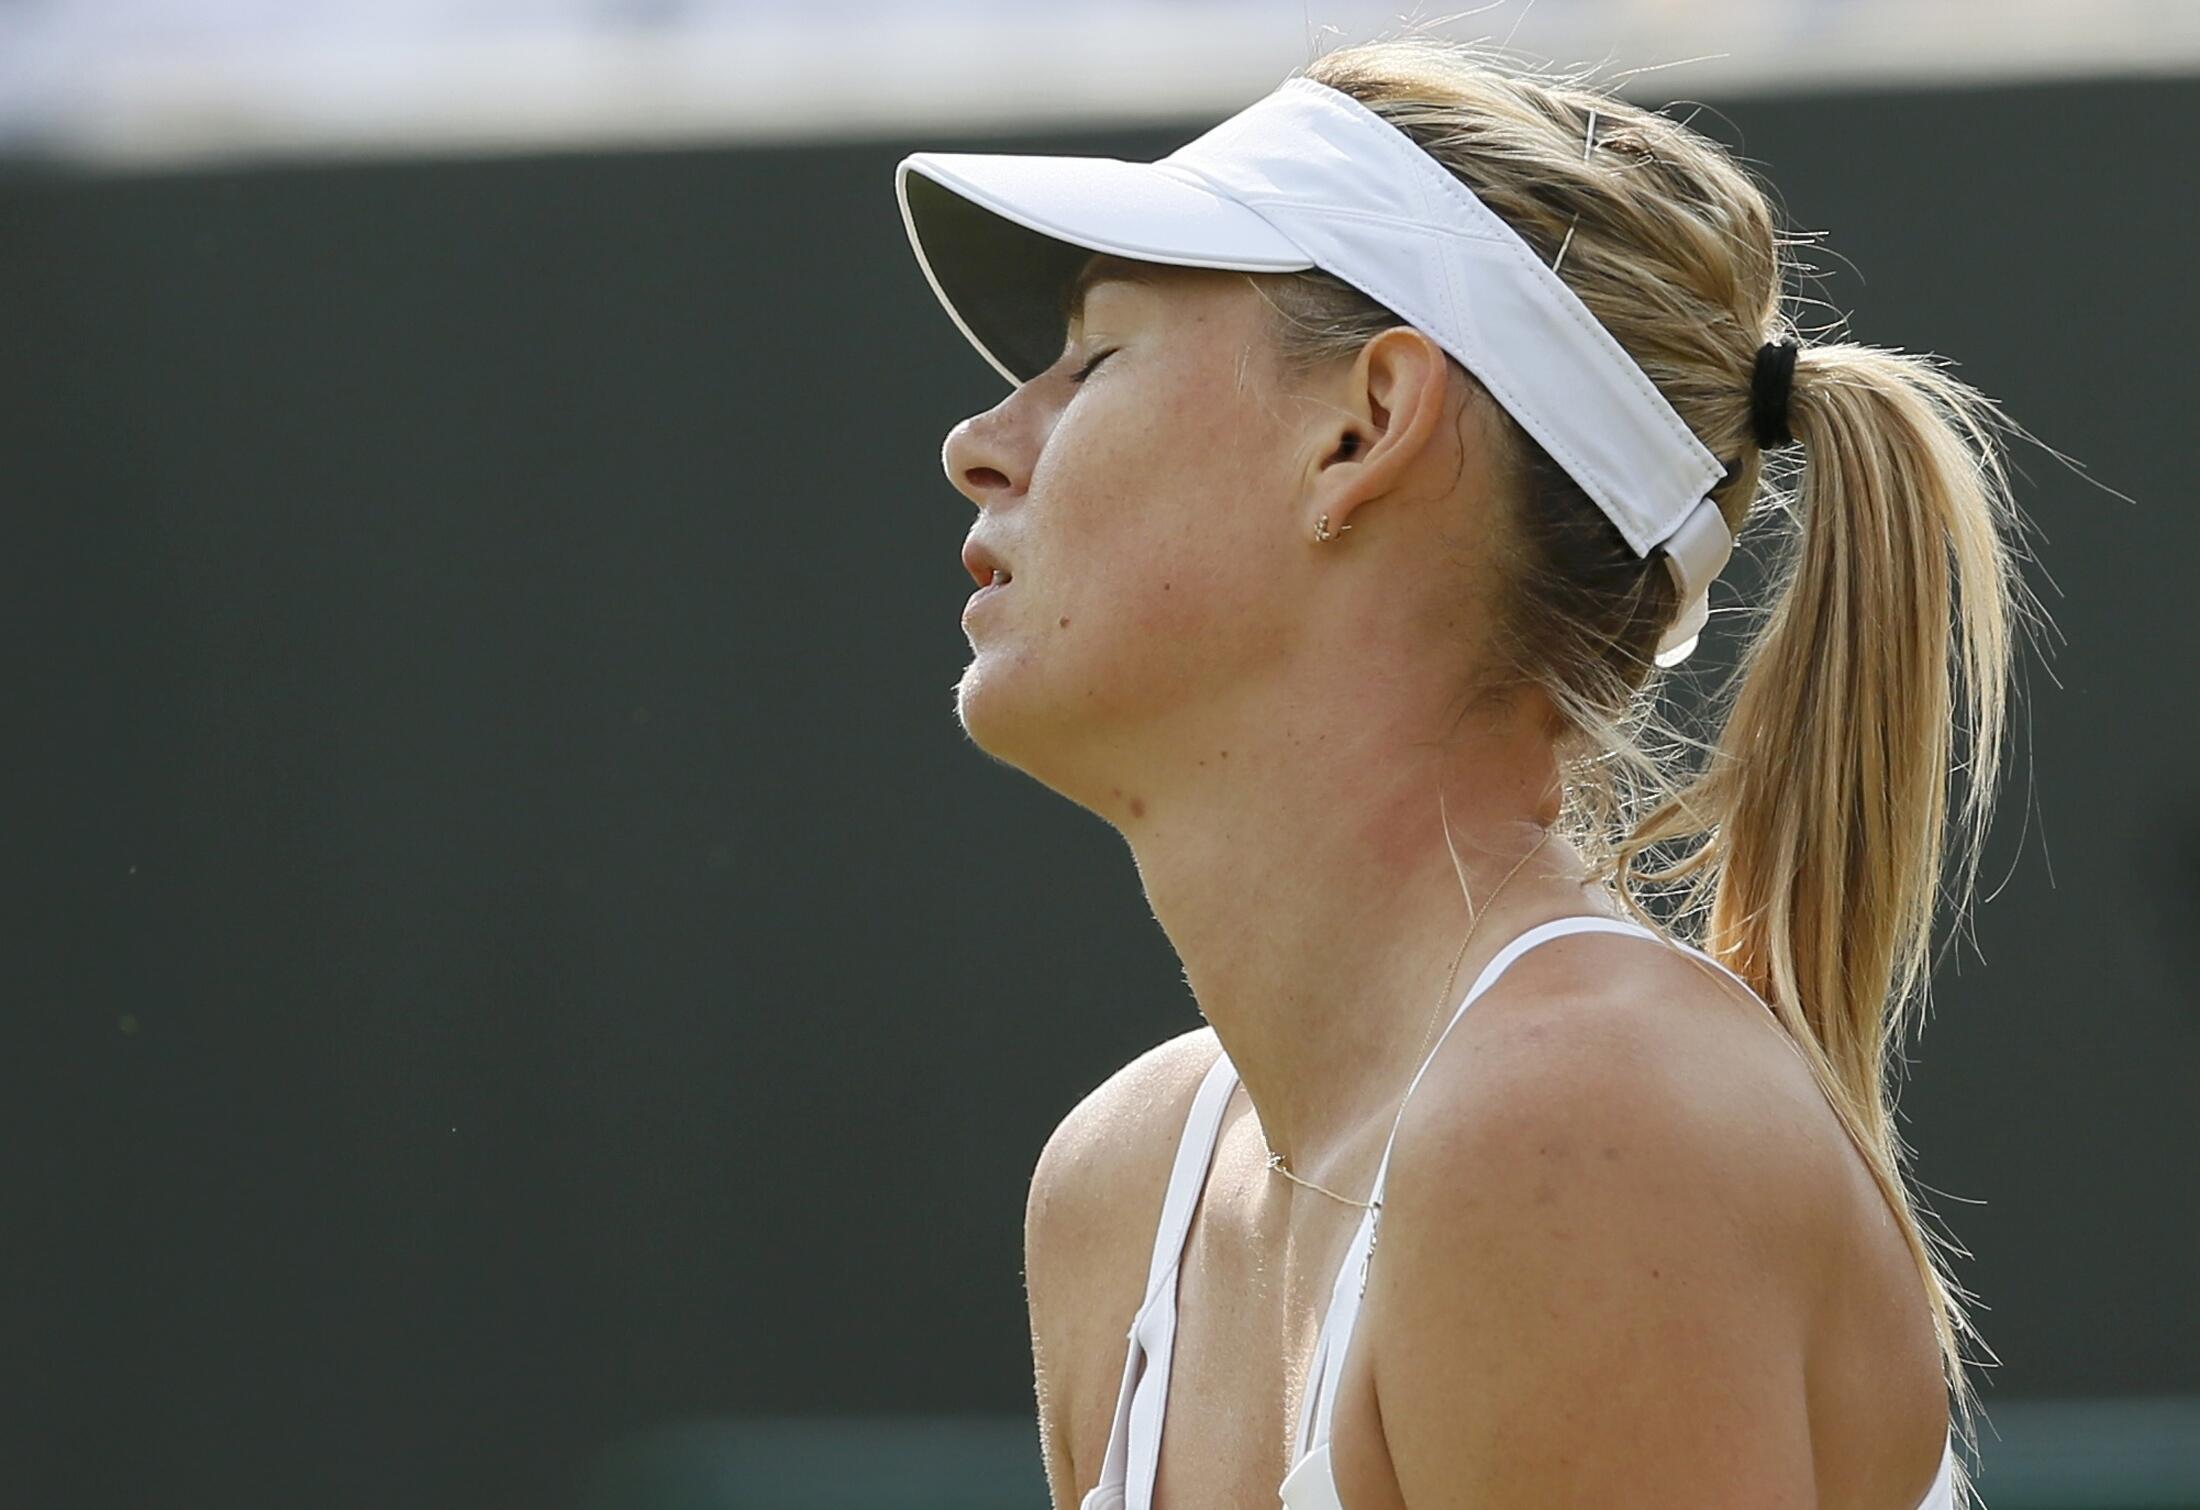 Maria Sharapova a lokacin da ta sha kashi a gasar Wimbledon